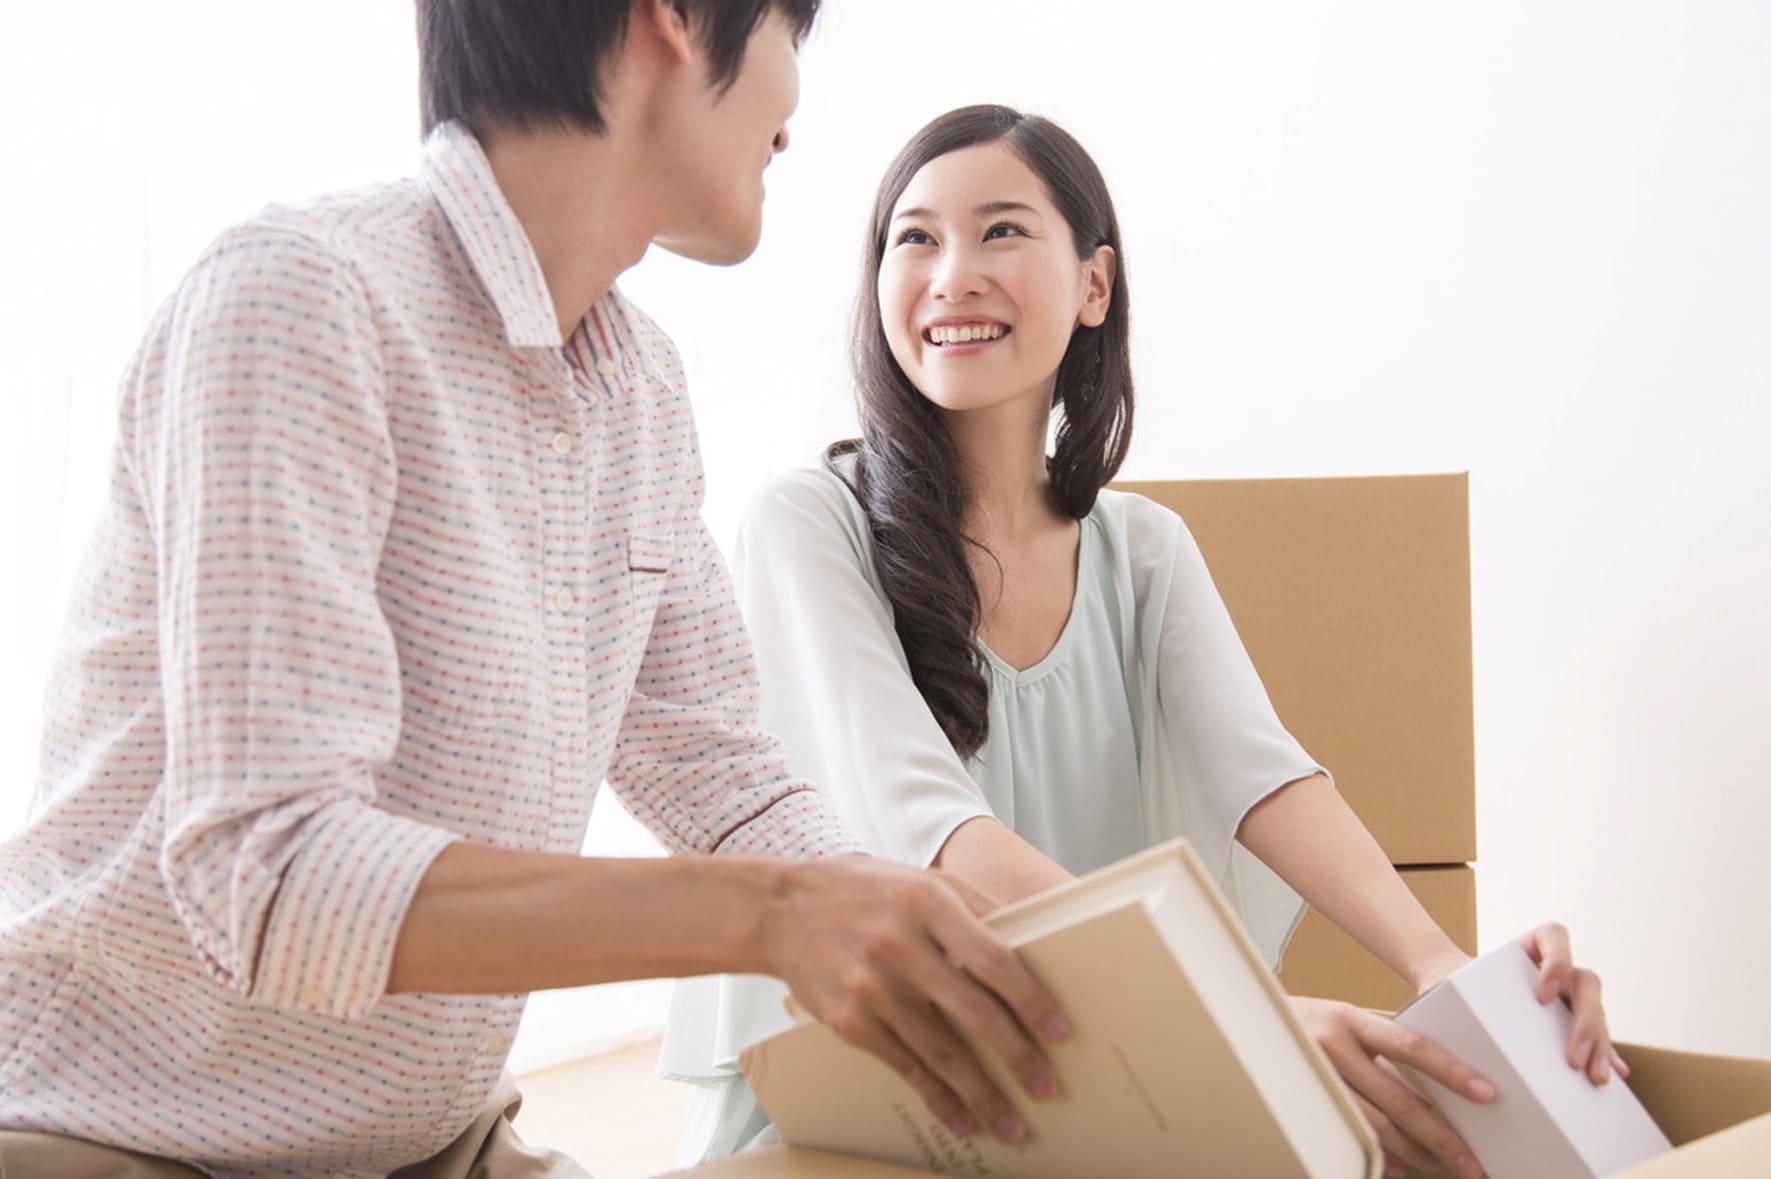 【リスト付き】結婚前後に必要な手続き14個を解説!